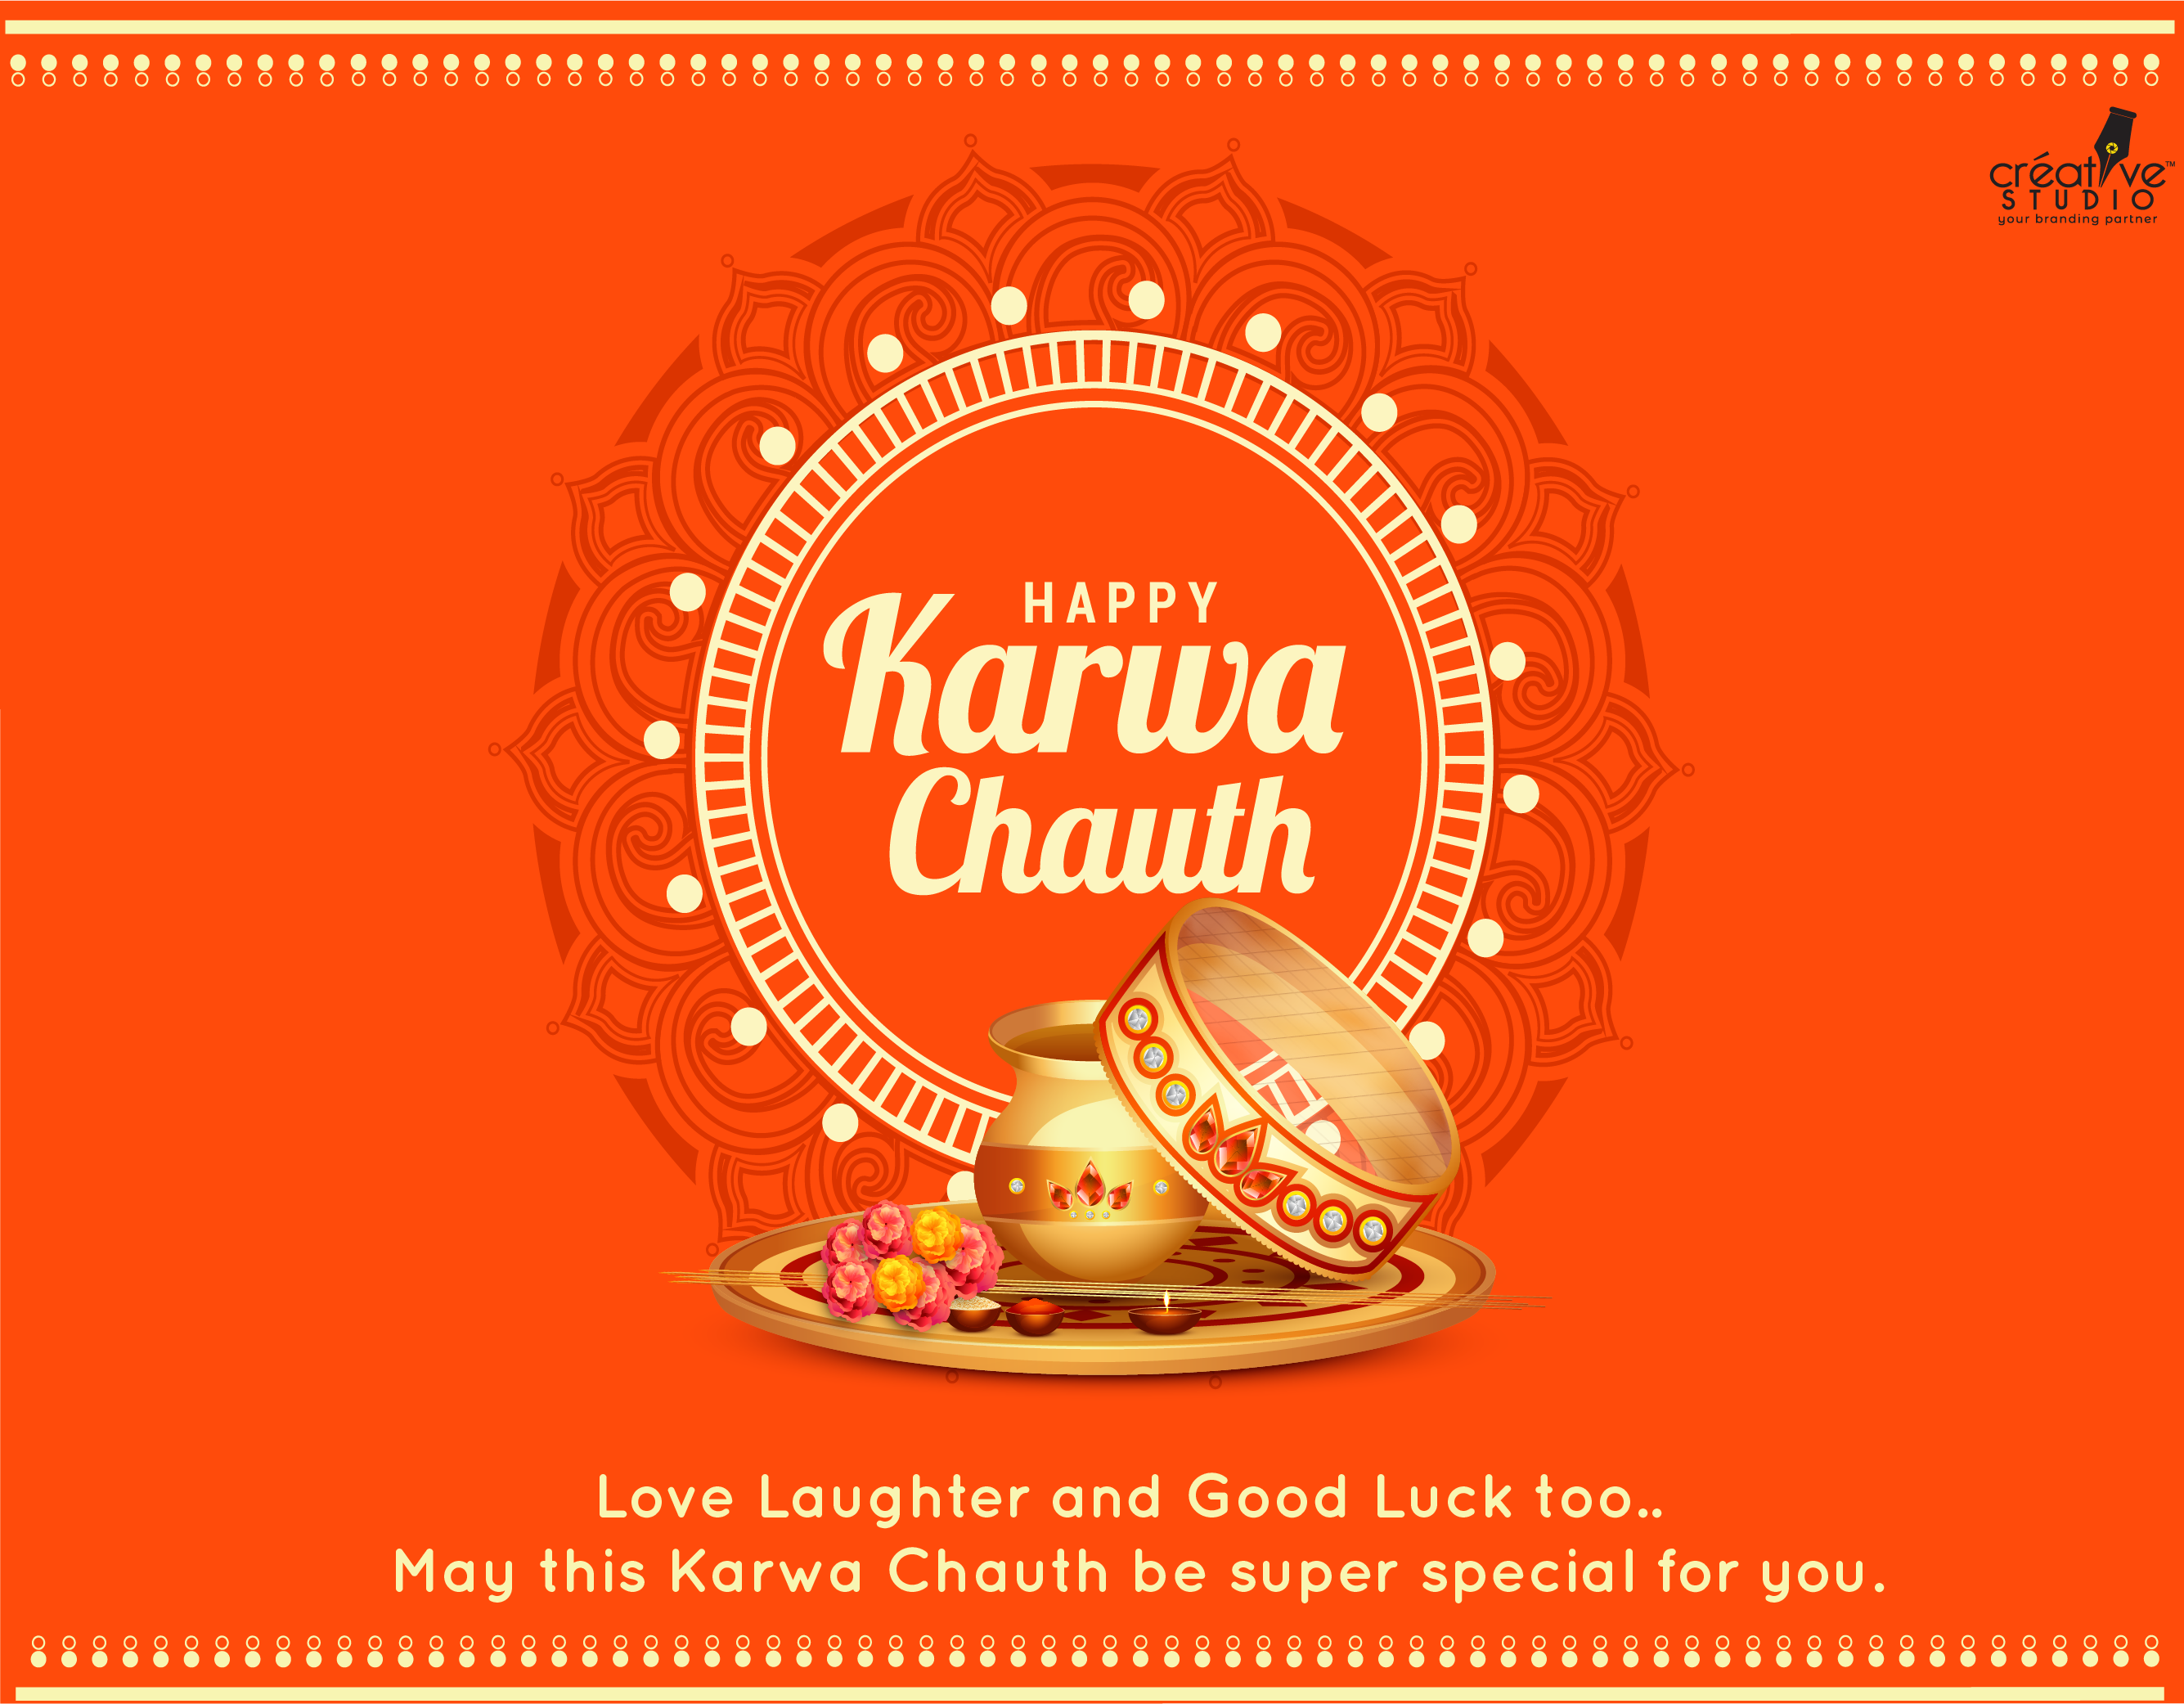 karwa chauth 05 - Karwa Chauth